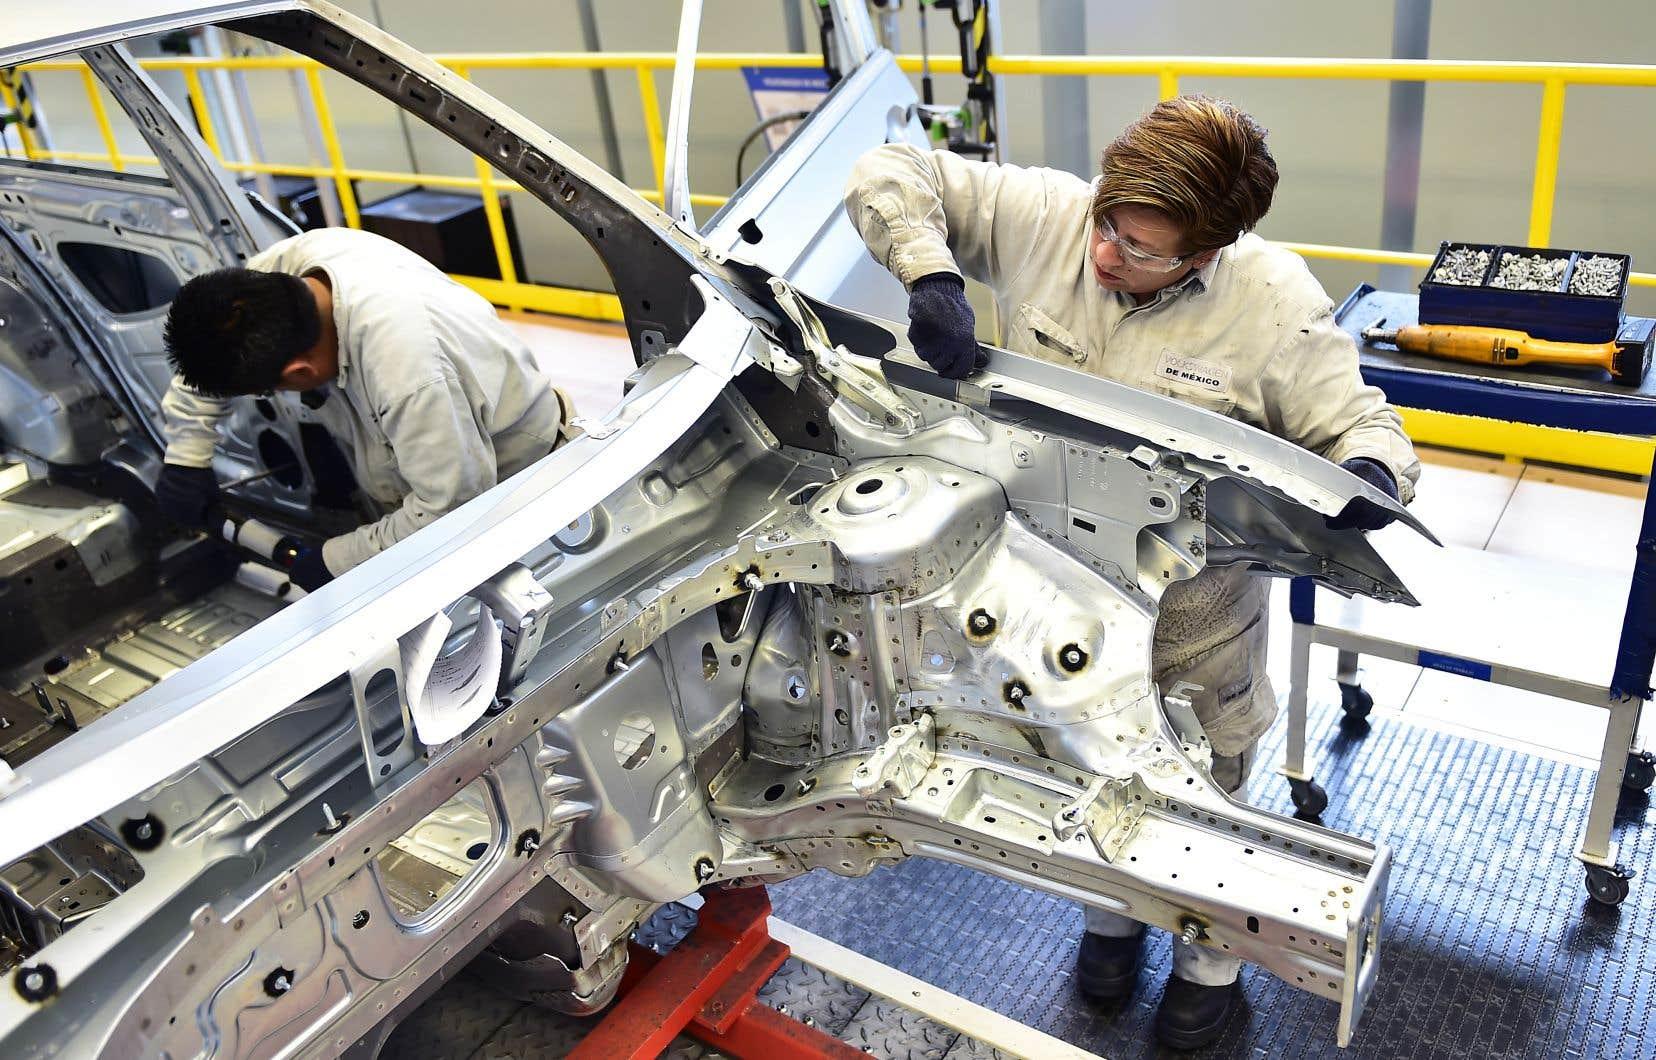 L'accord du Mexique avec les États-Unis comprend notamment une nouvelle disposition imposant dans le secteur de la fabrication automobile un seuil minimum de 40% à 45% de contenu fabriqué par des travailleurs gagnant au moins 16$US l'heure.